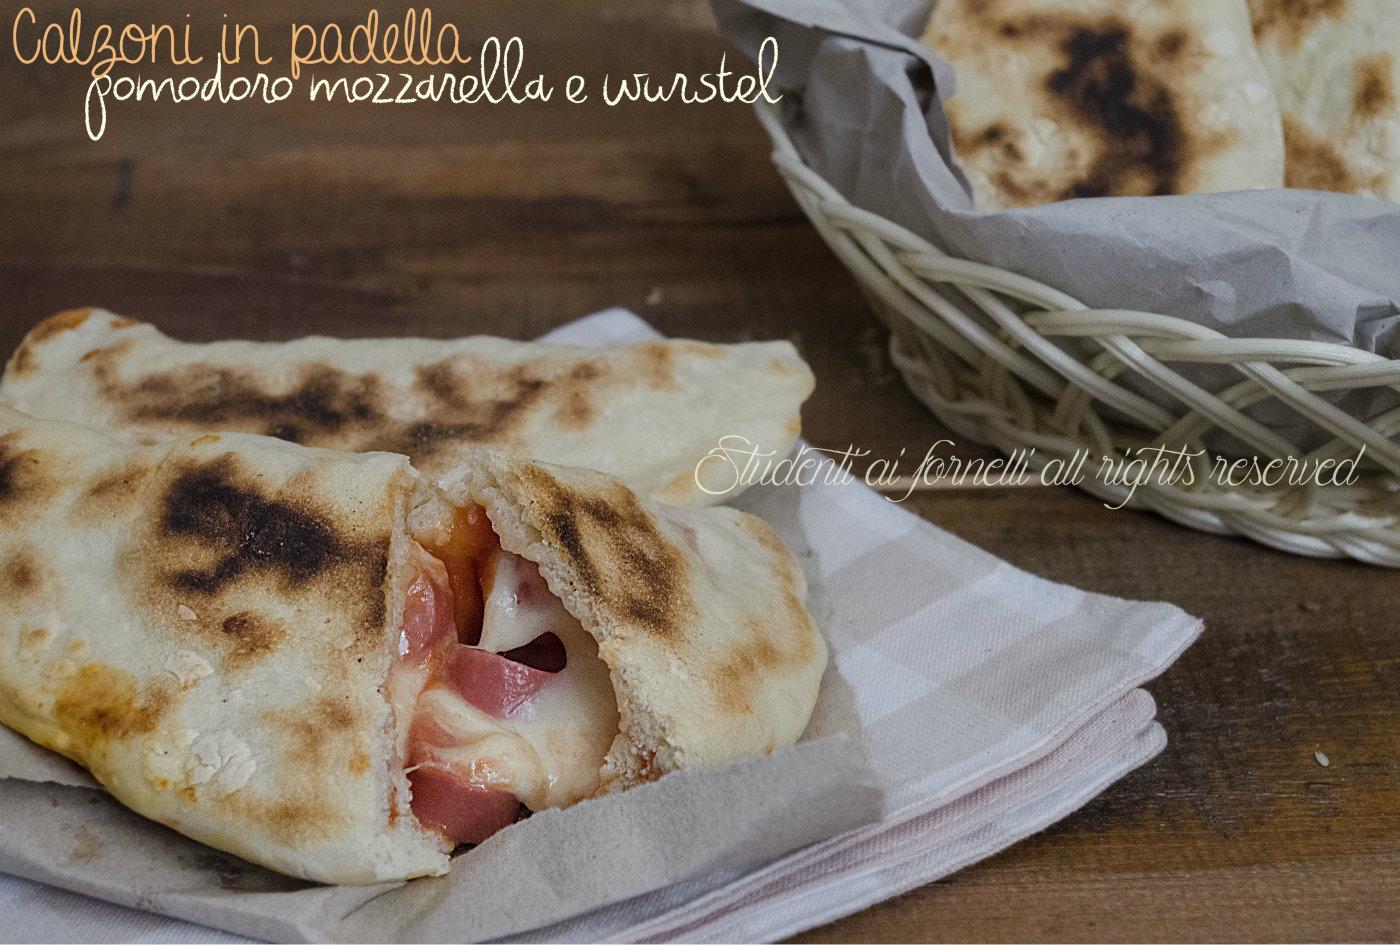 calzoni in padella pomodoro mozzarella e wurstel ricetta calzoni veloci gustosi ripieni ricetta facile